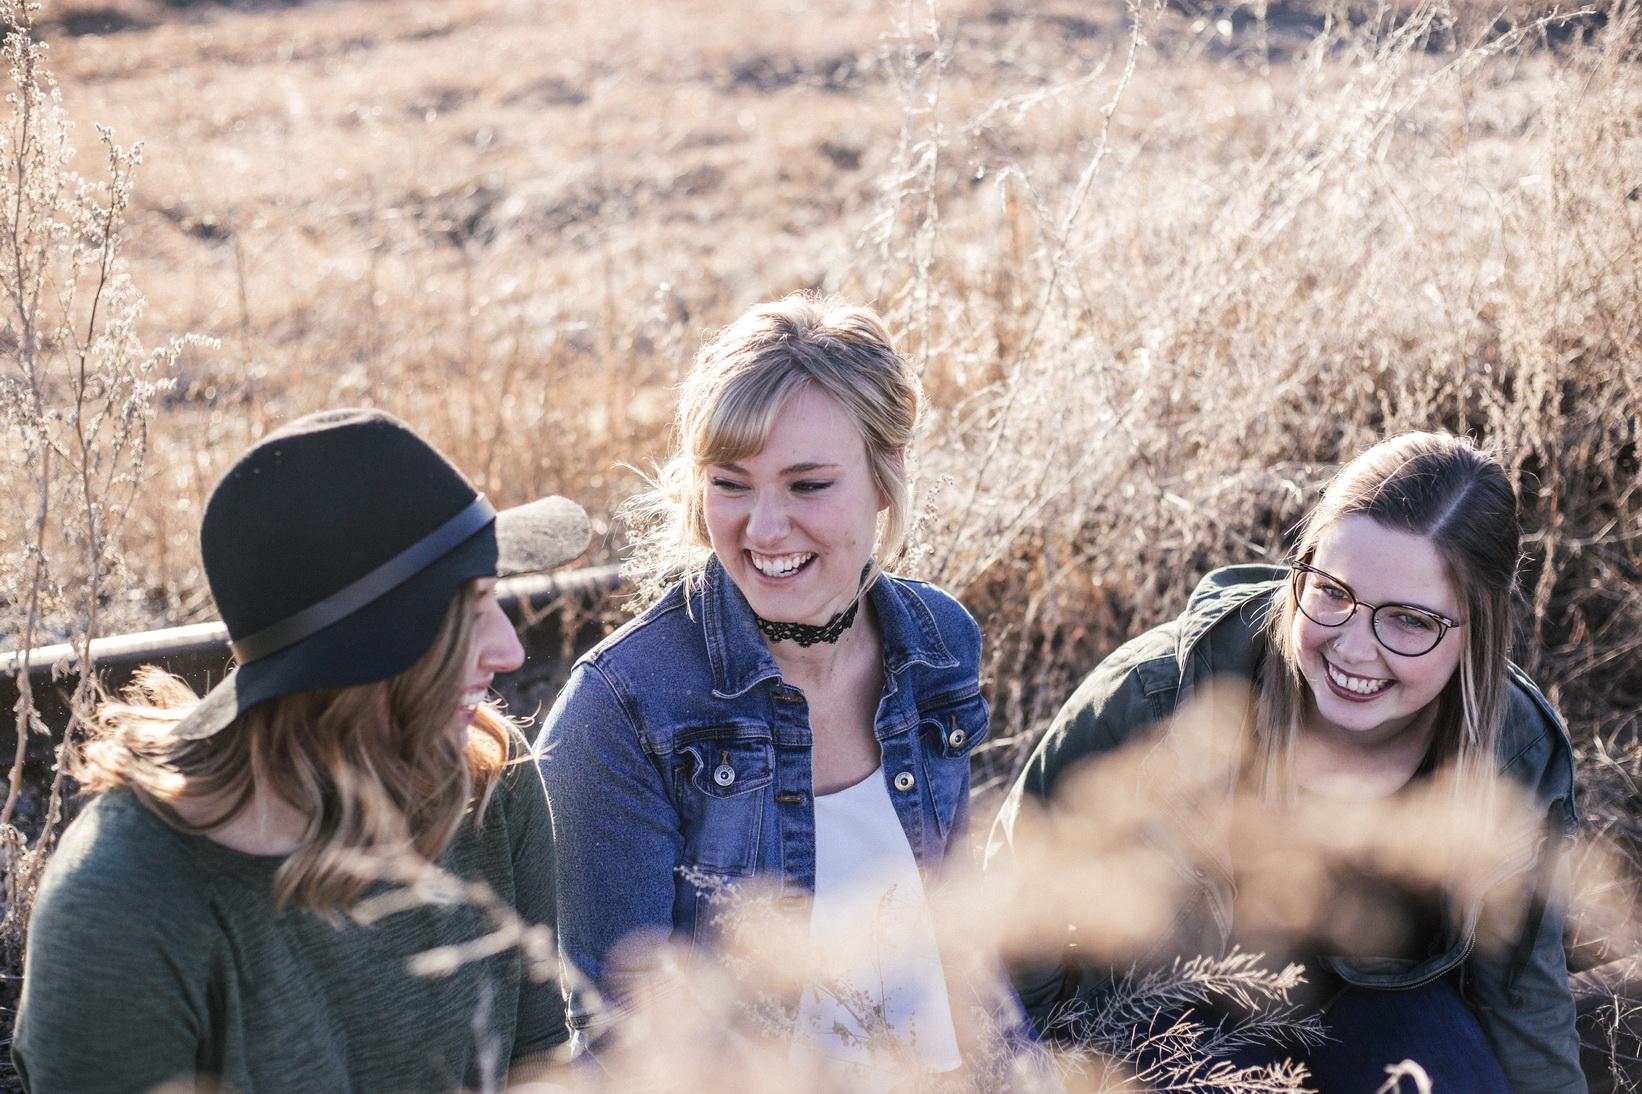 Правила общения: эмпатия и подлинность